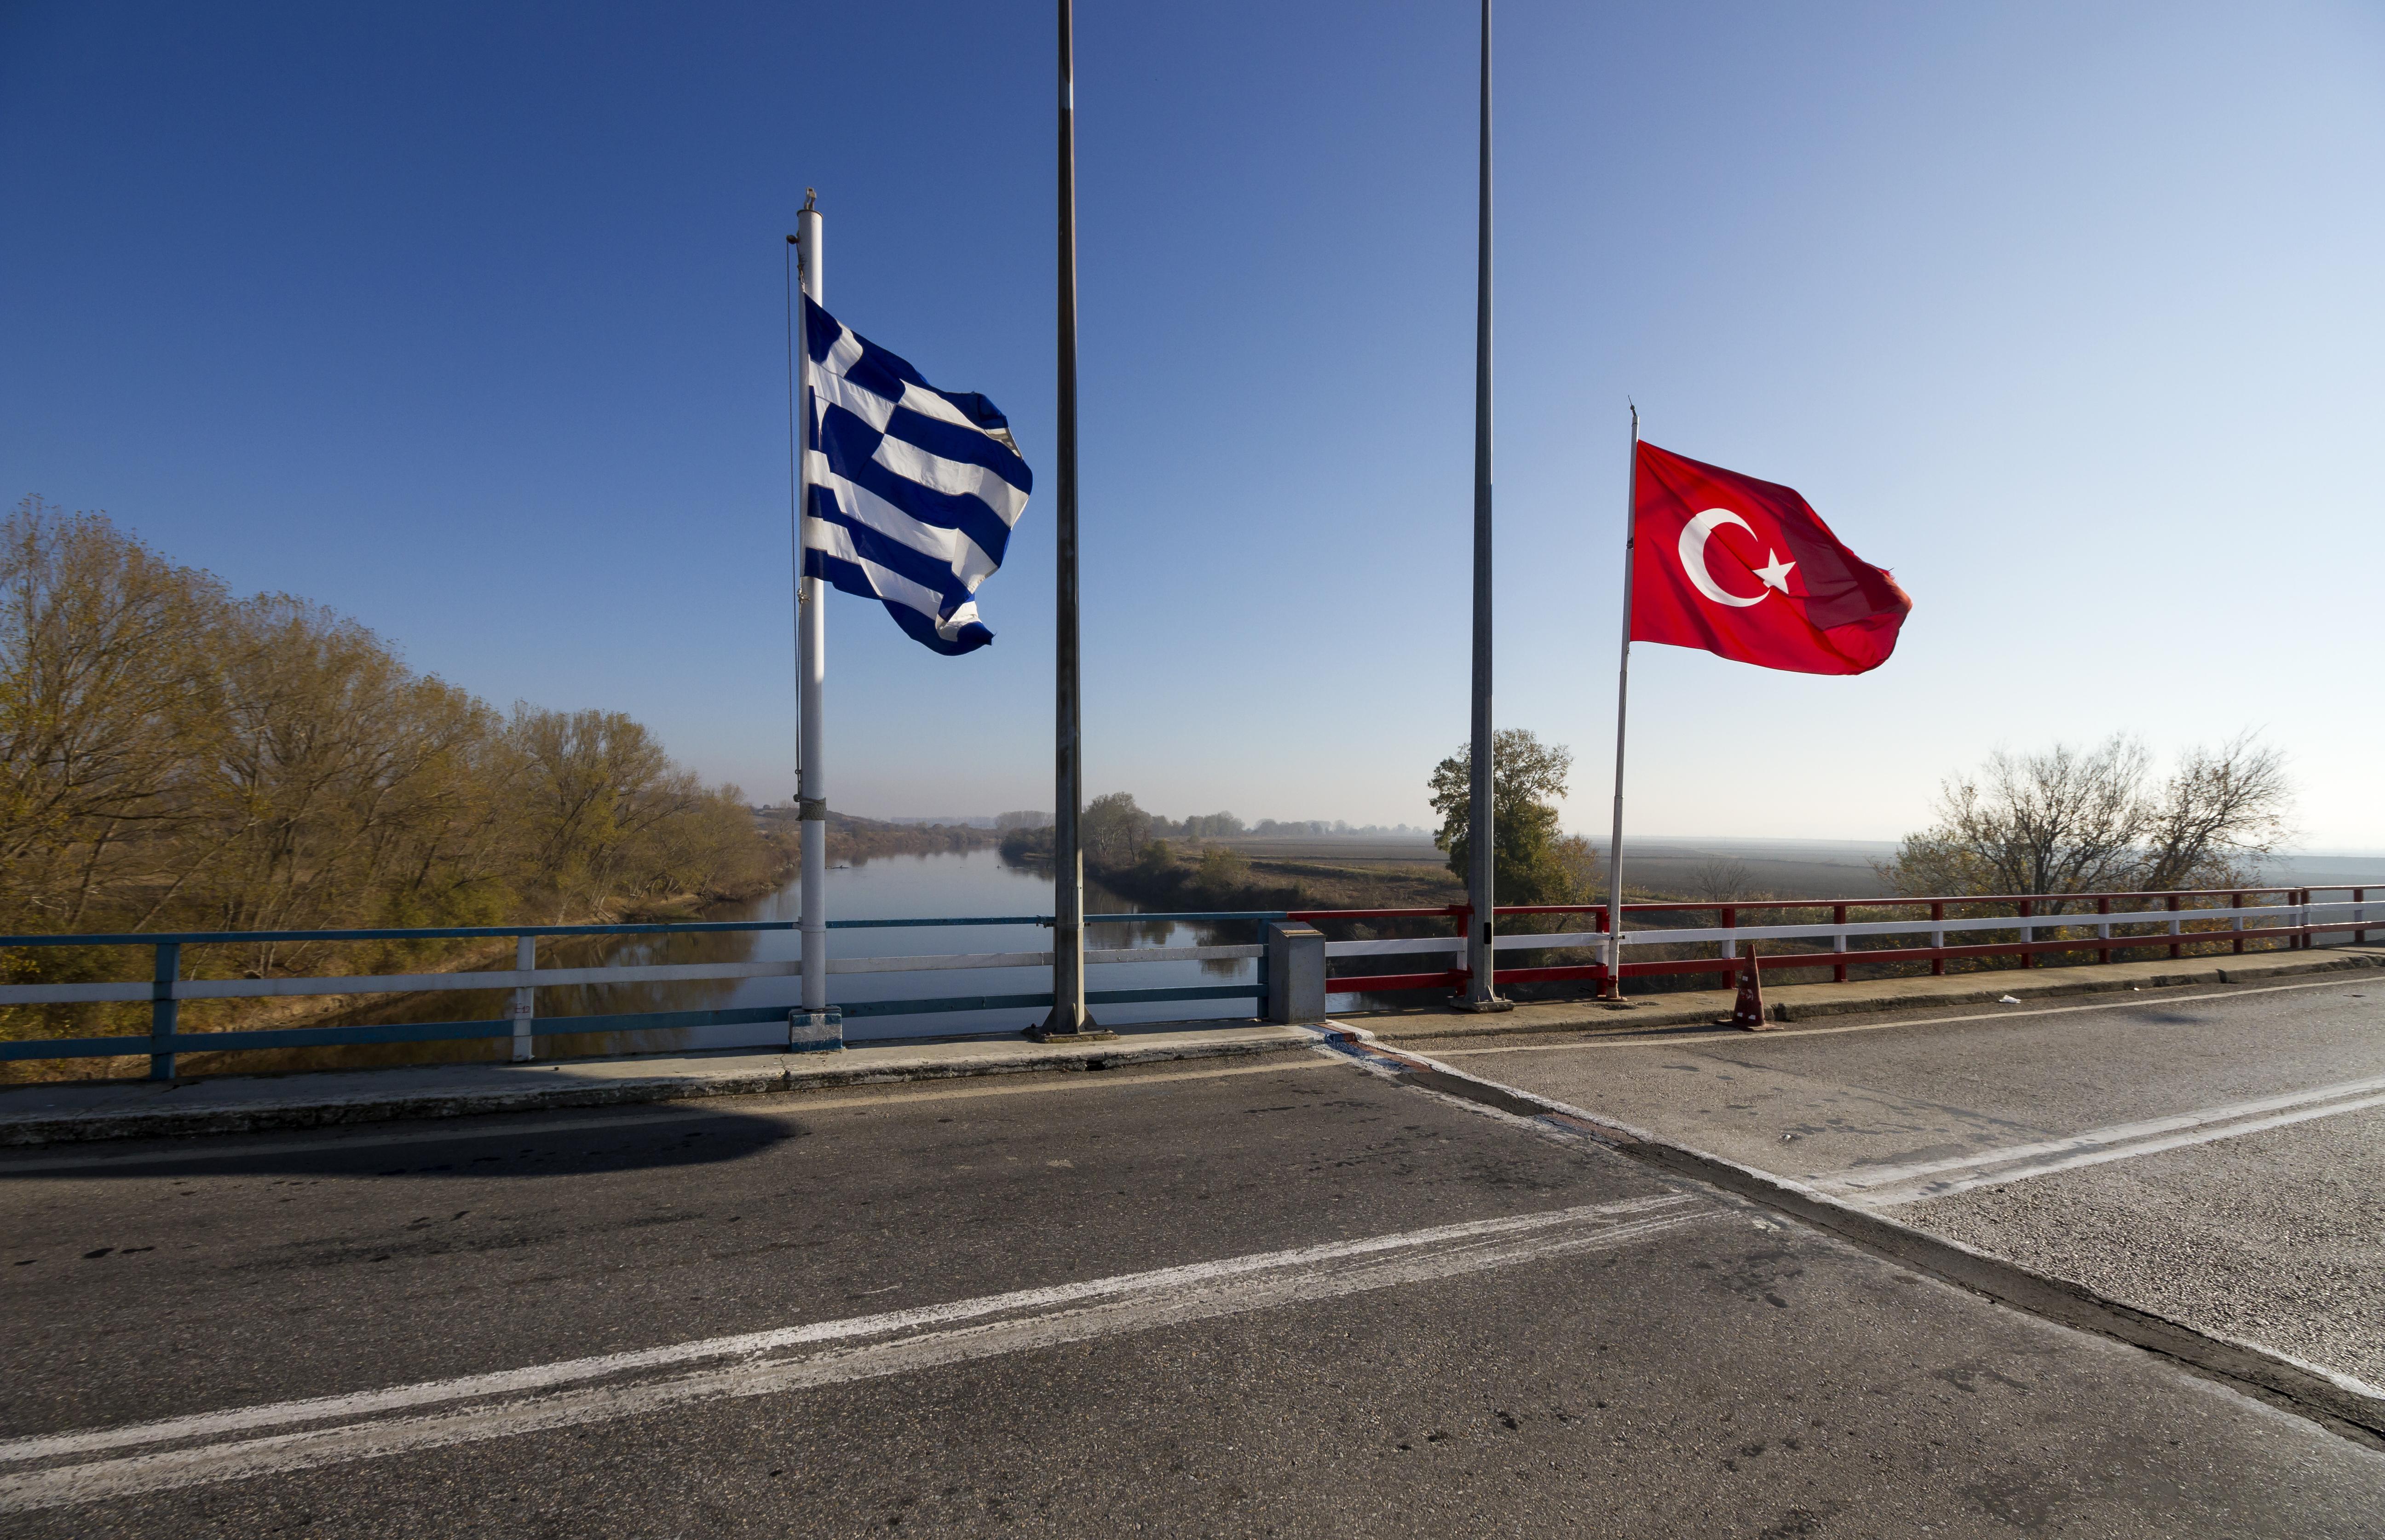 Οι δύο αξιωματικοί που συνελήφθησαν στον Έβρο επιστρέφουν στην Τουρκία | tovima.gr